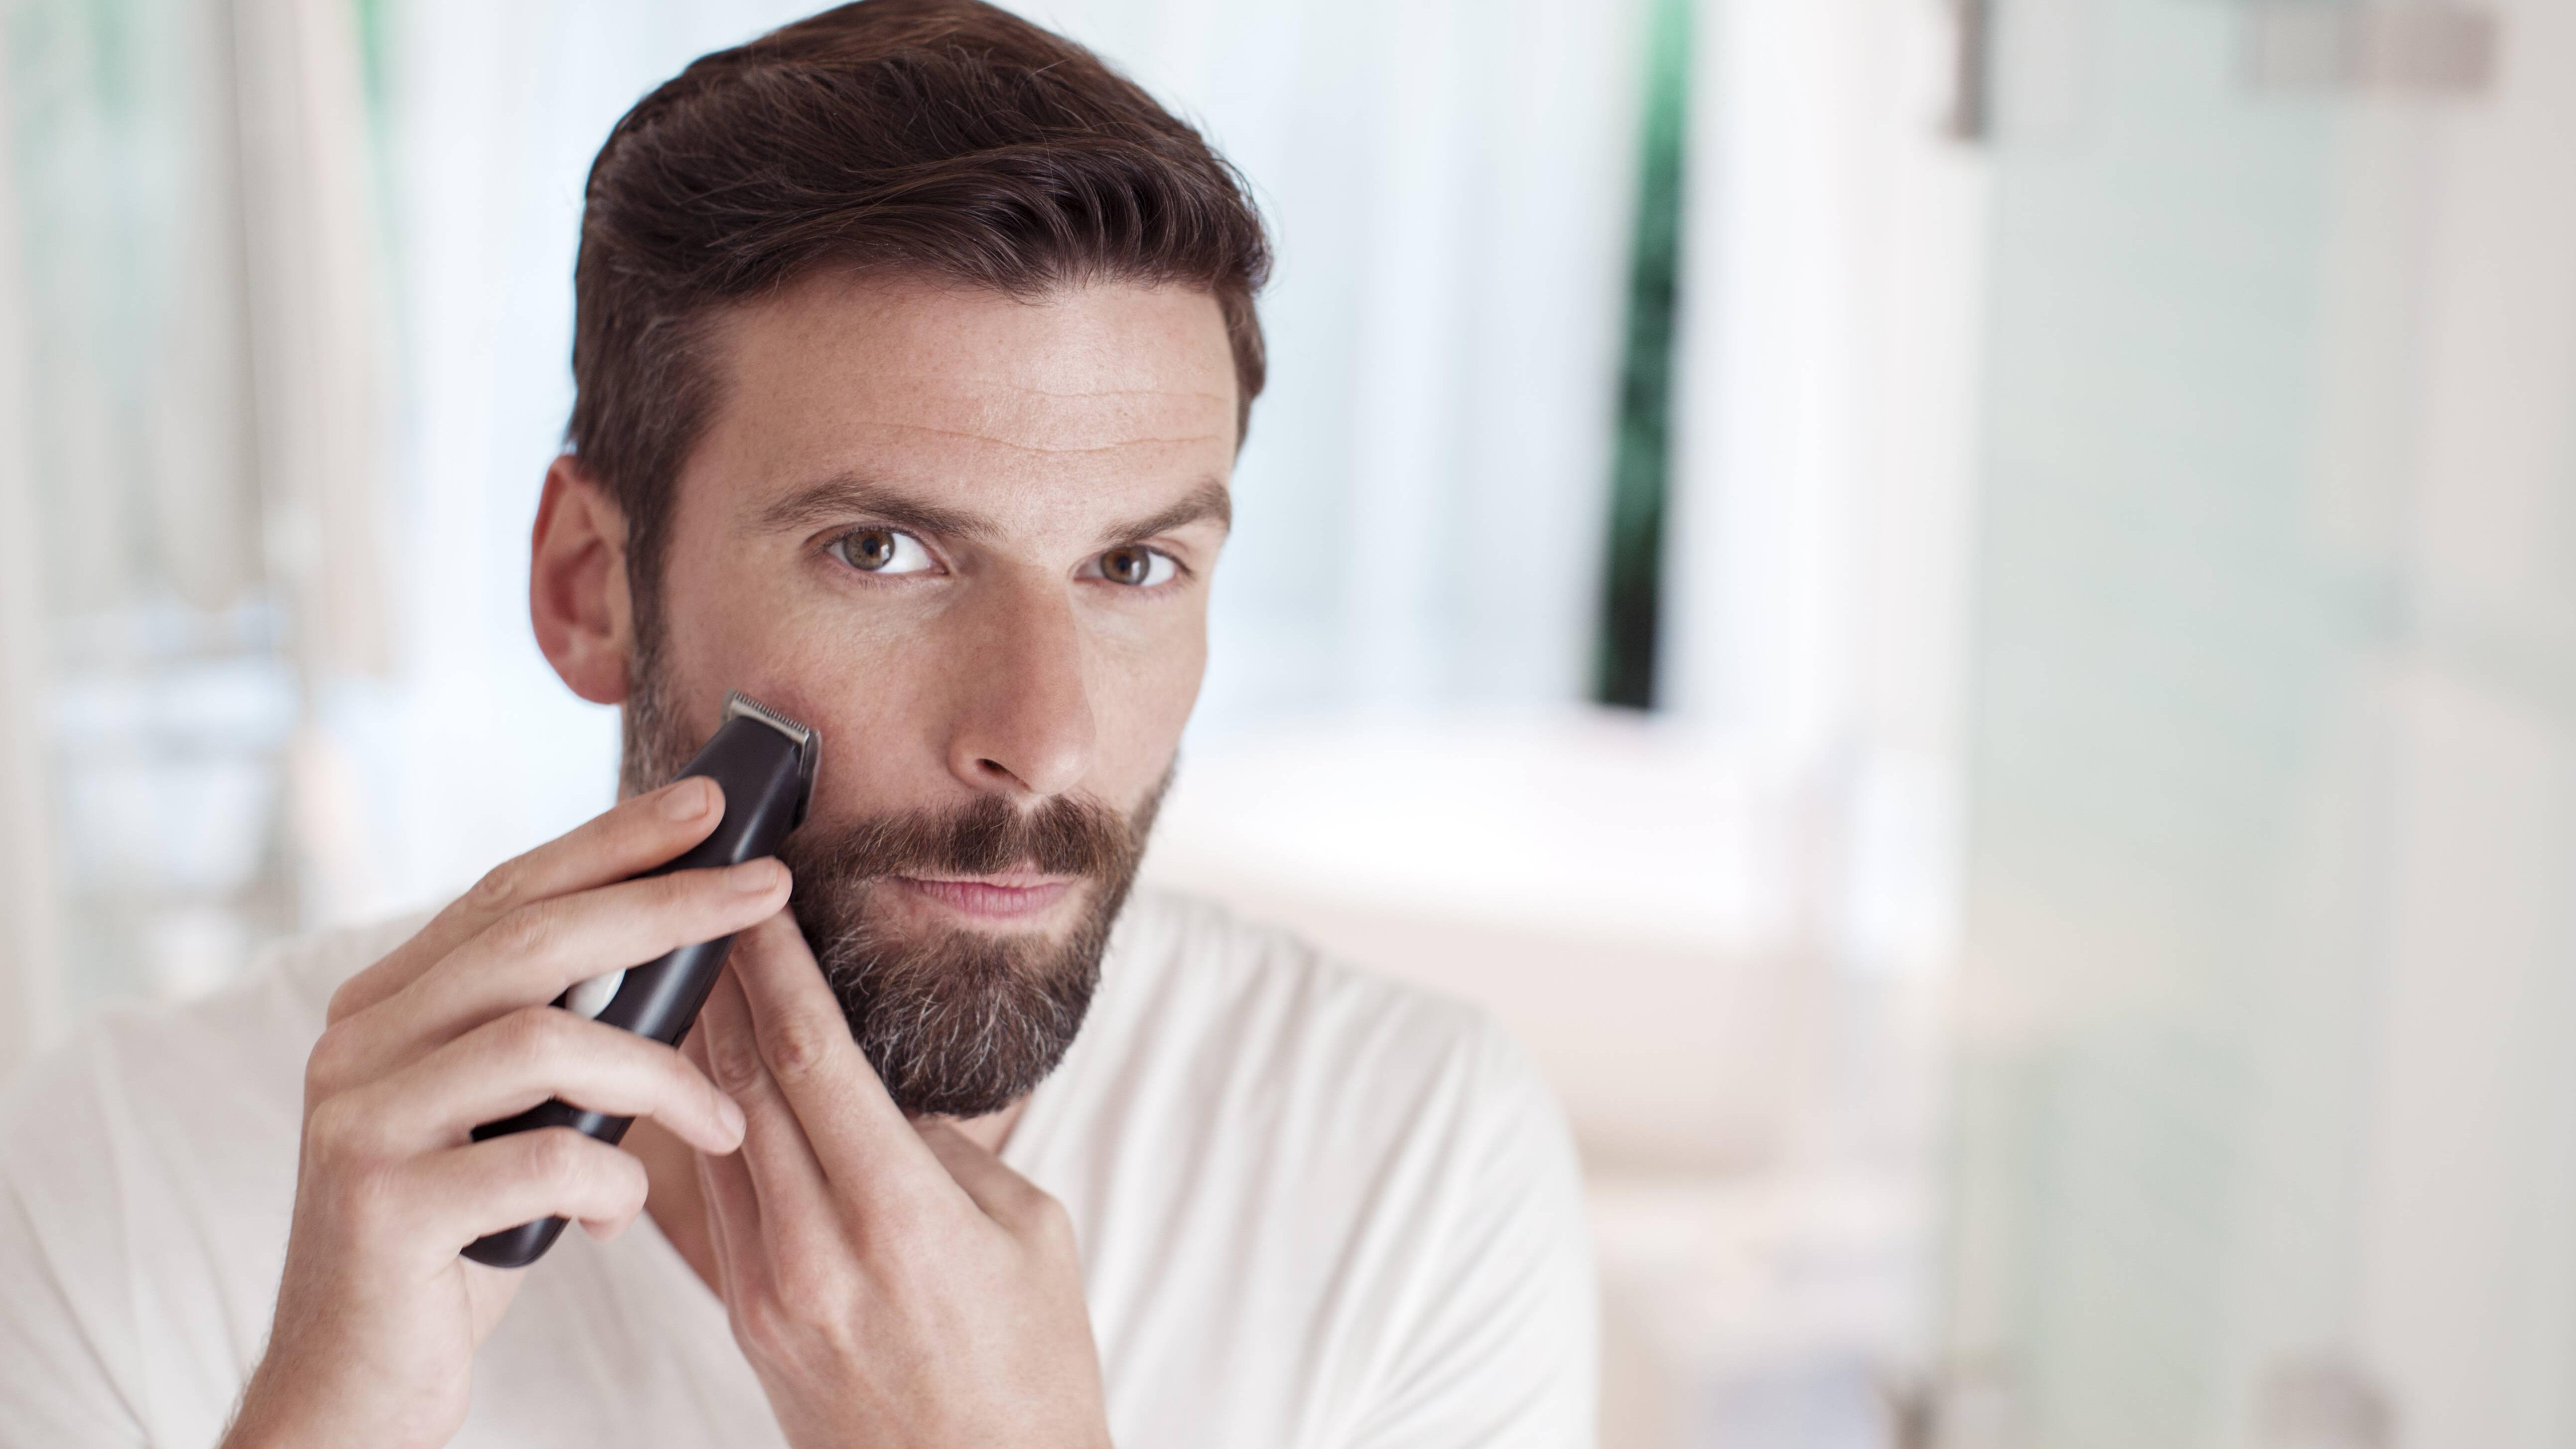 Lücken im Bart können ein Ärgernis sein.